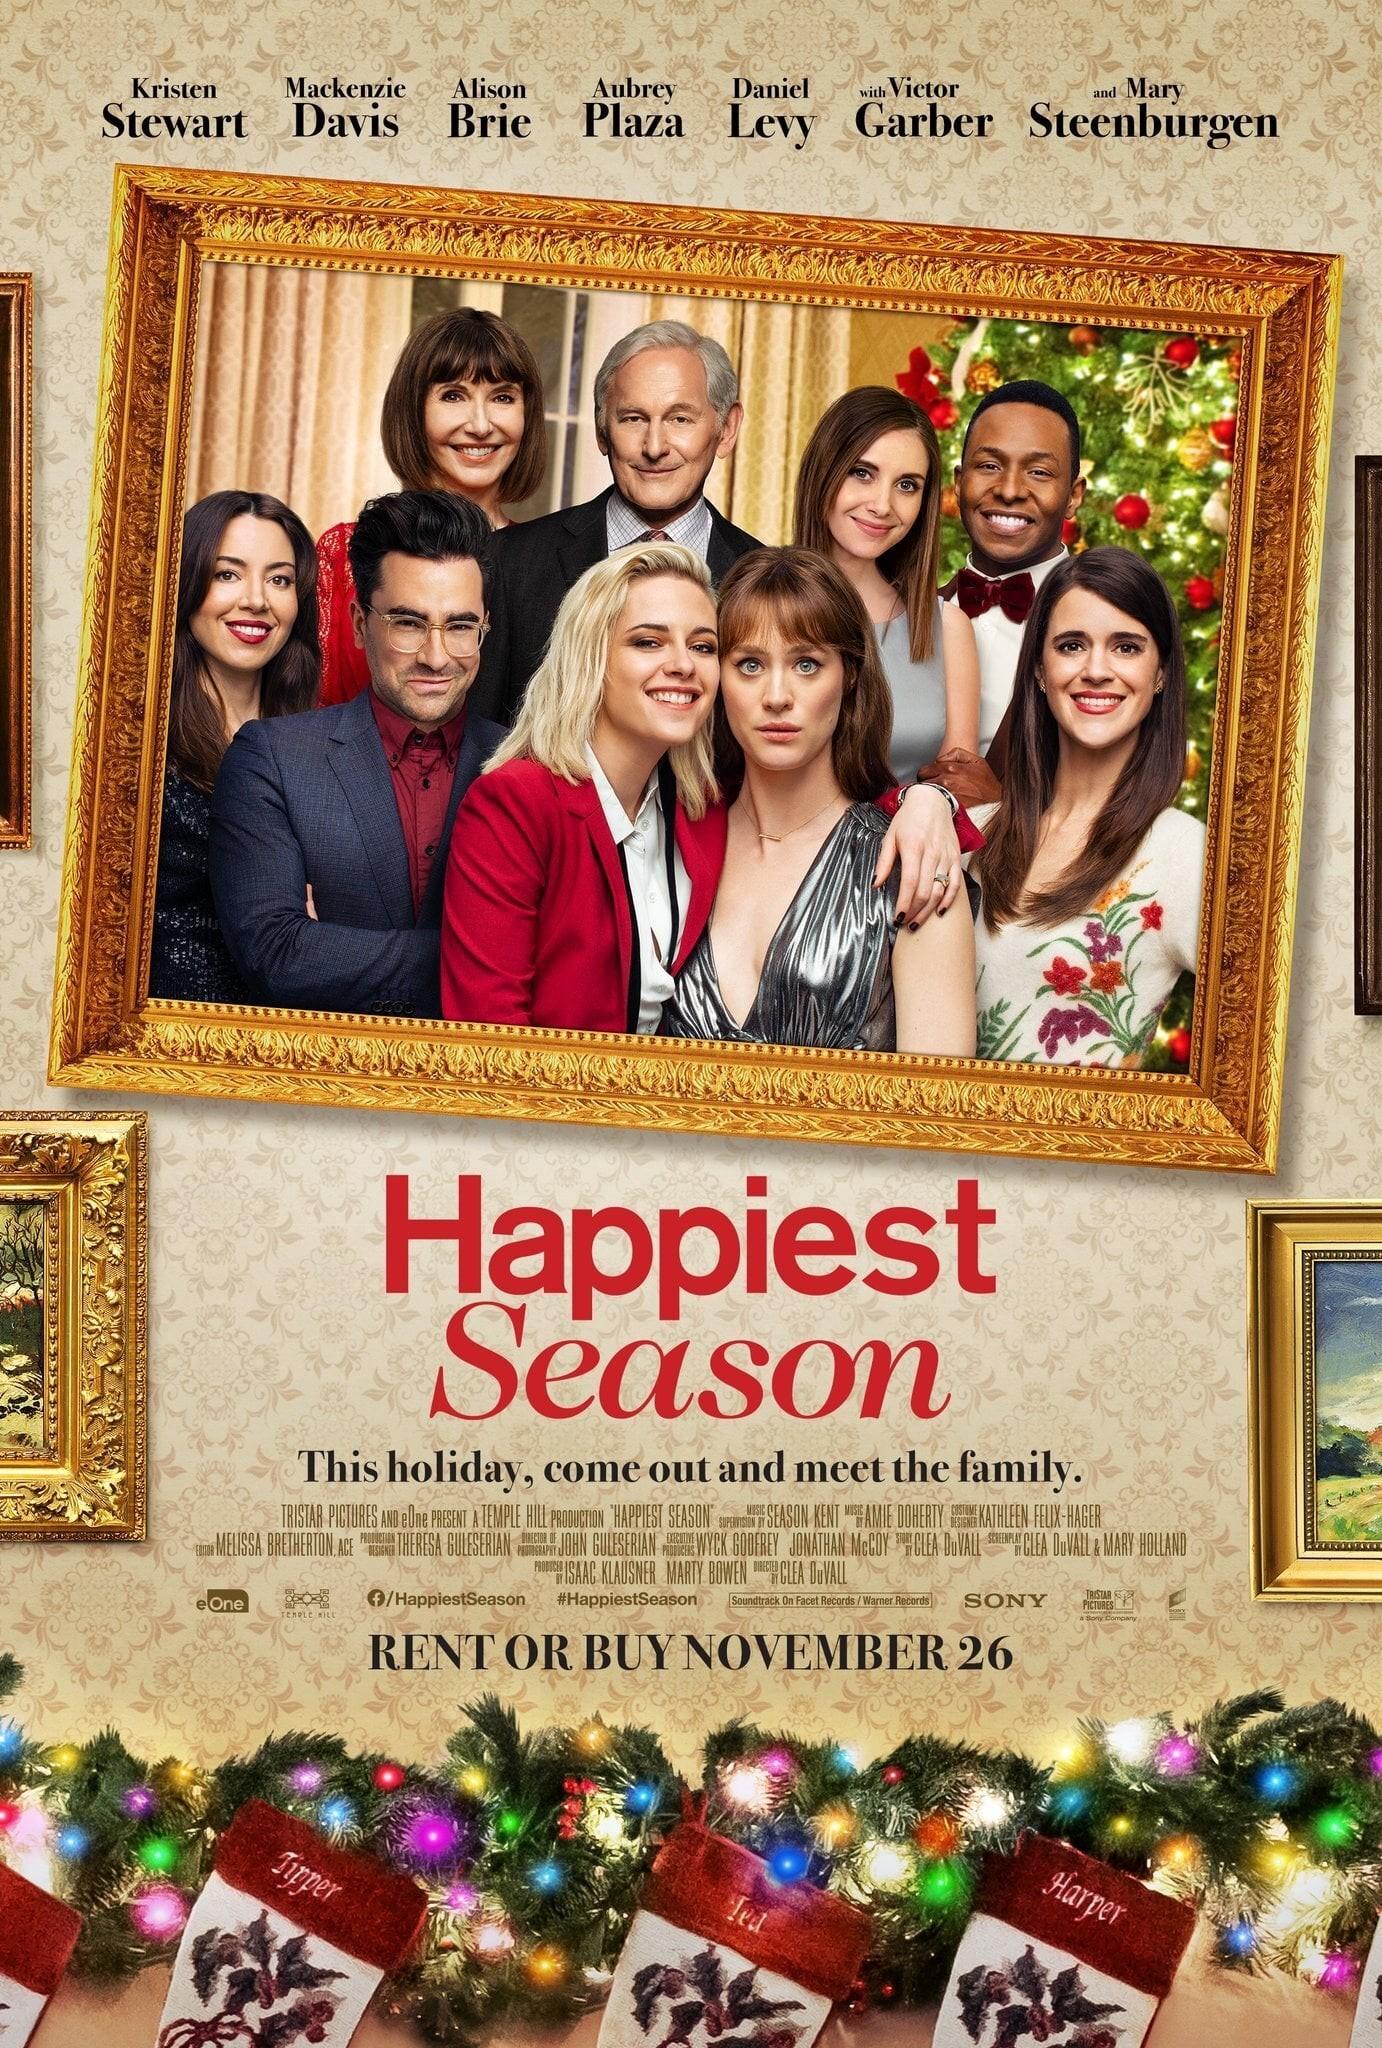 Watch | Happiest Season 2020 FU1L_'Movie' HD (720p) | by Roy A Collins |  Happiest Seas0n (2020) Fu1L | Nov, 2020 | Medium